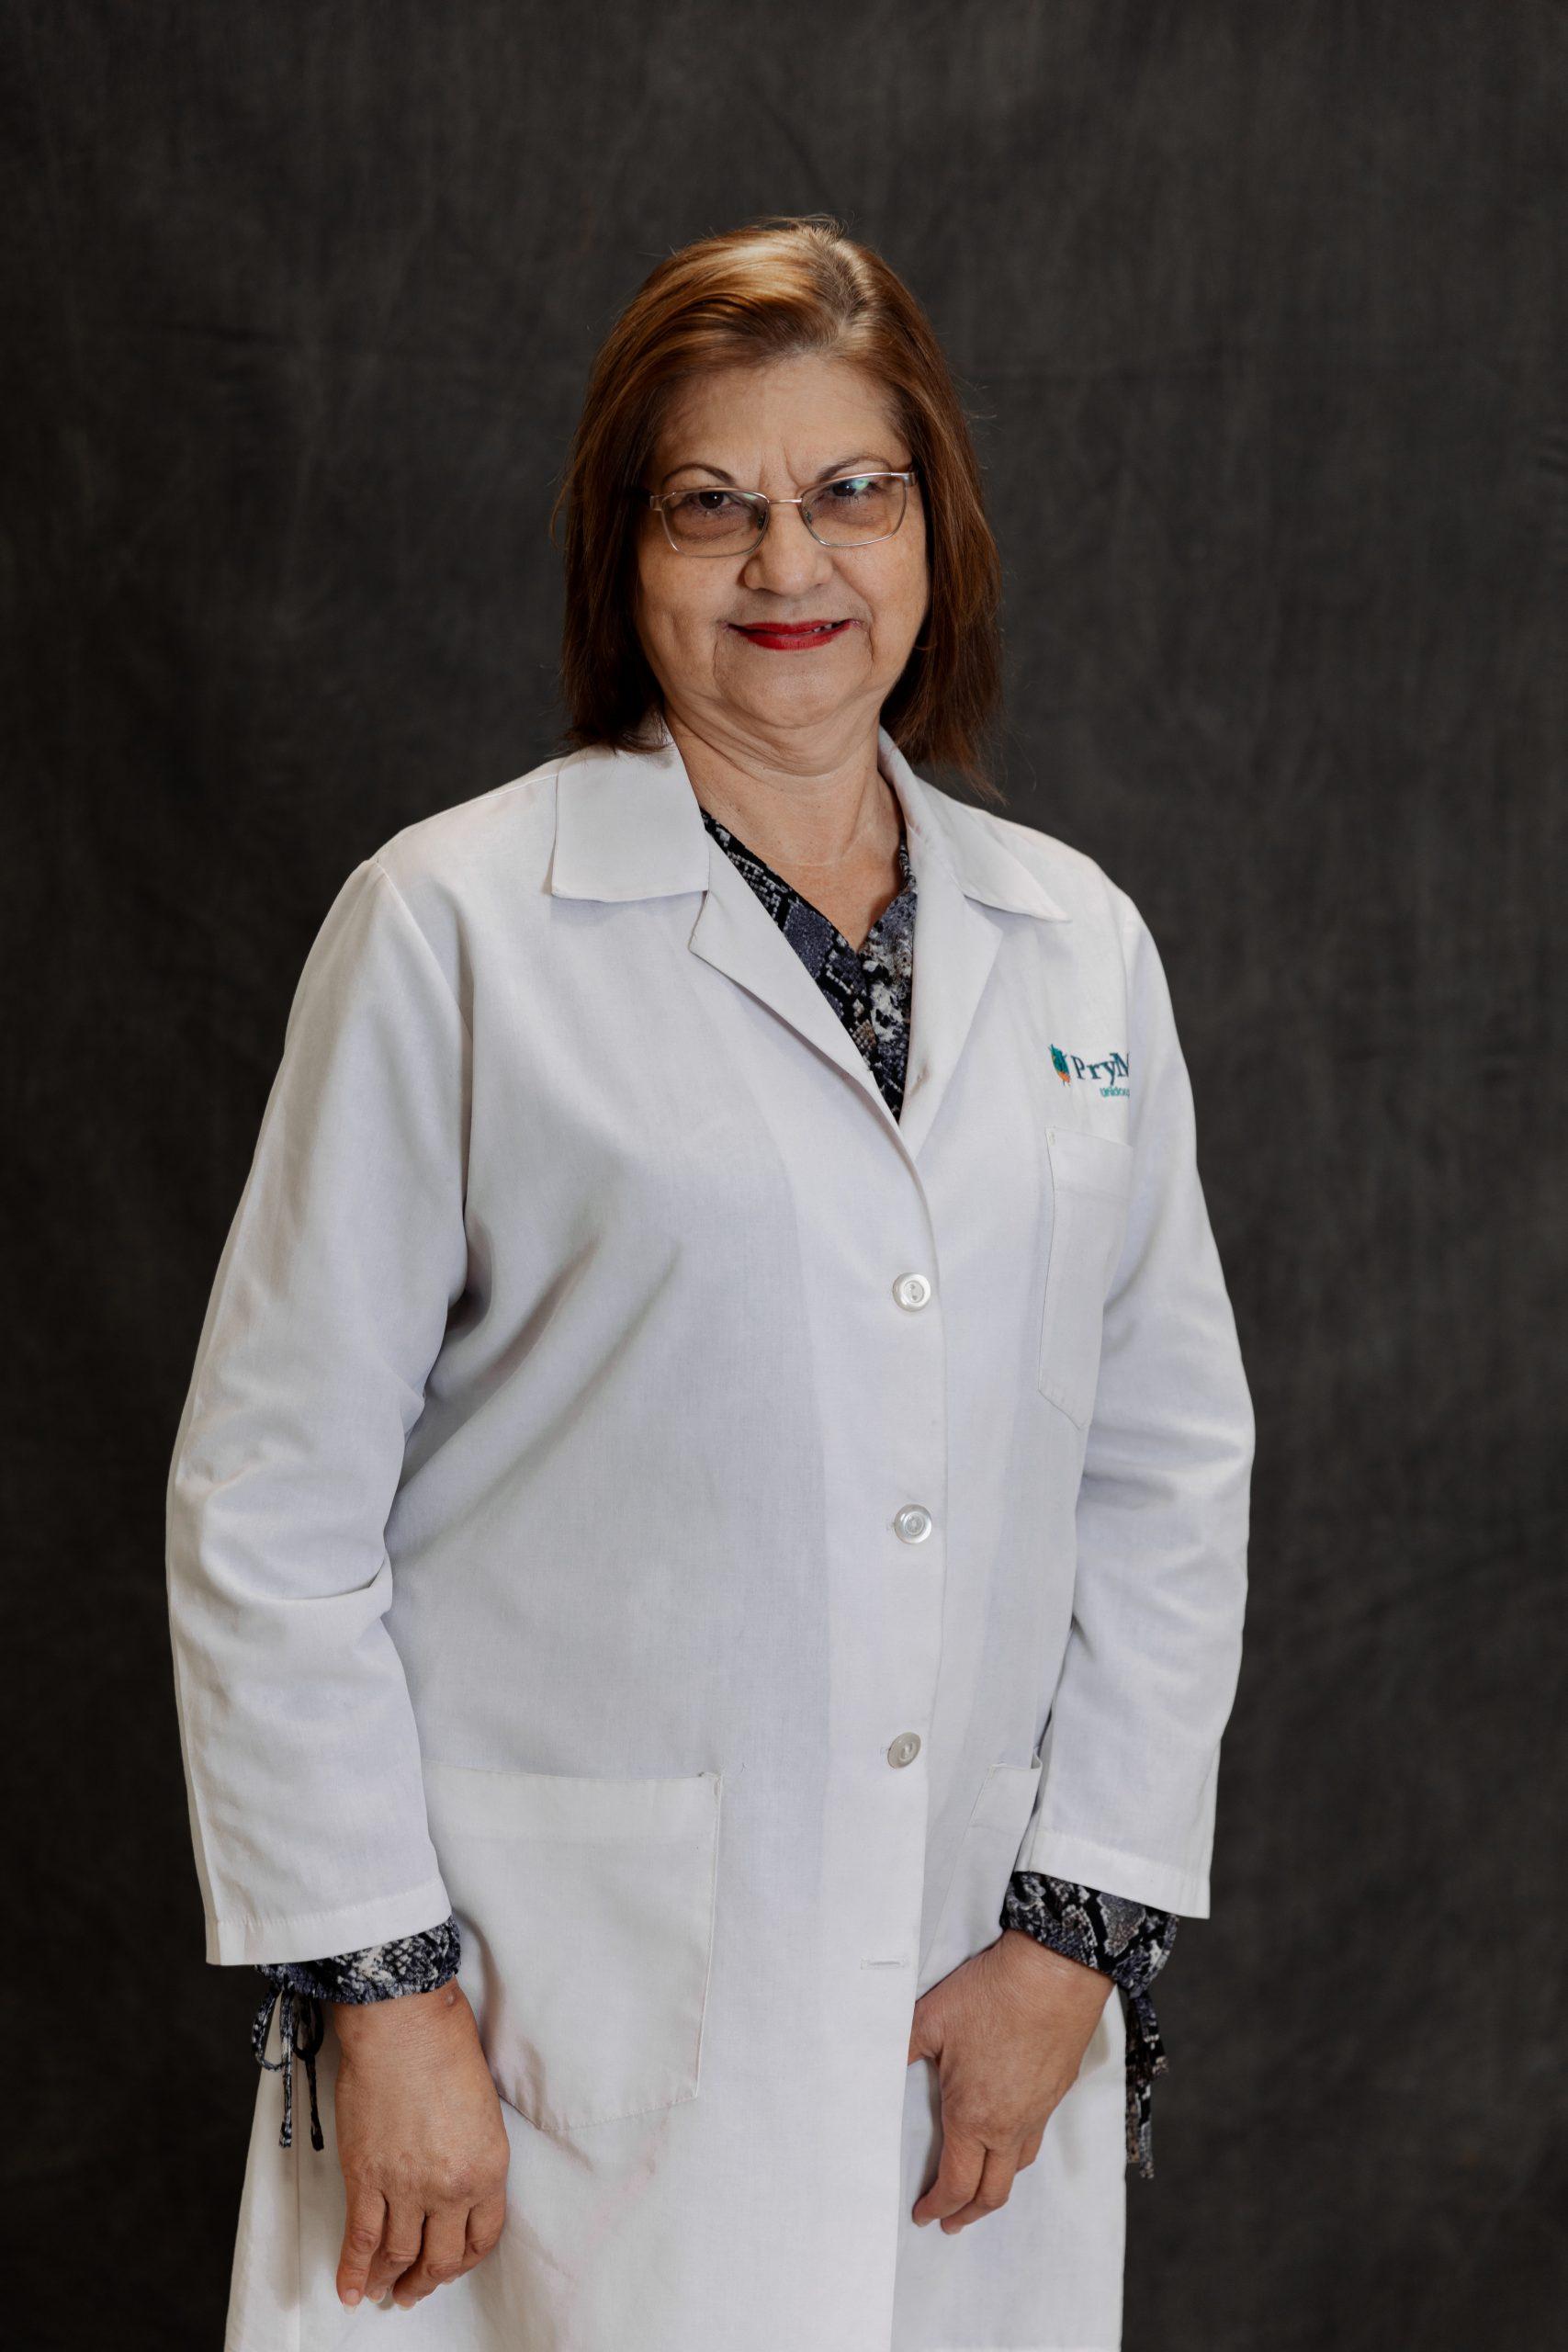 Dra. Maritza Benitez